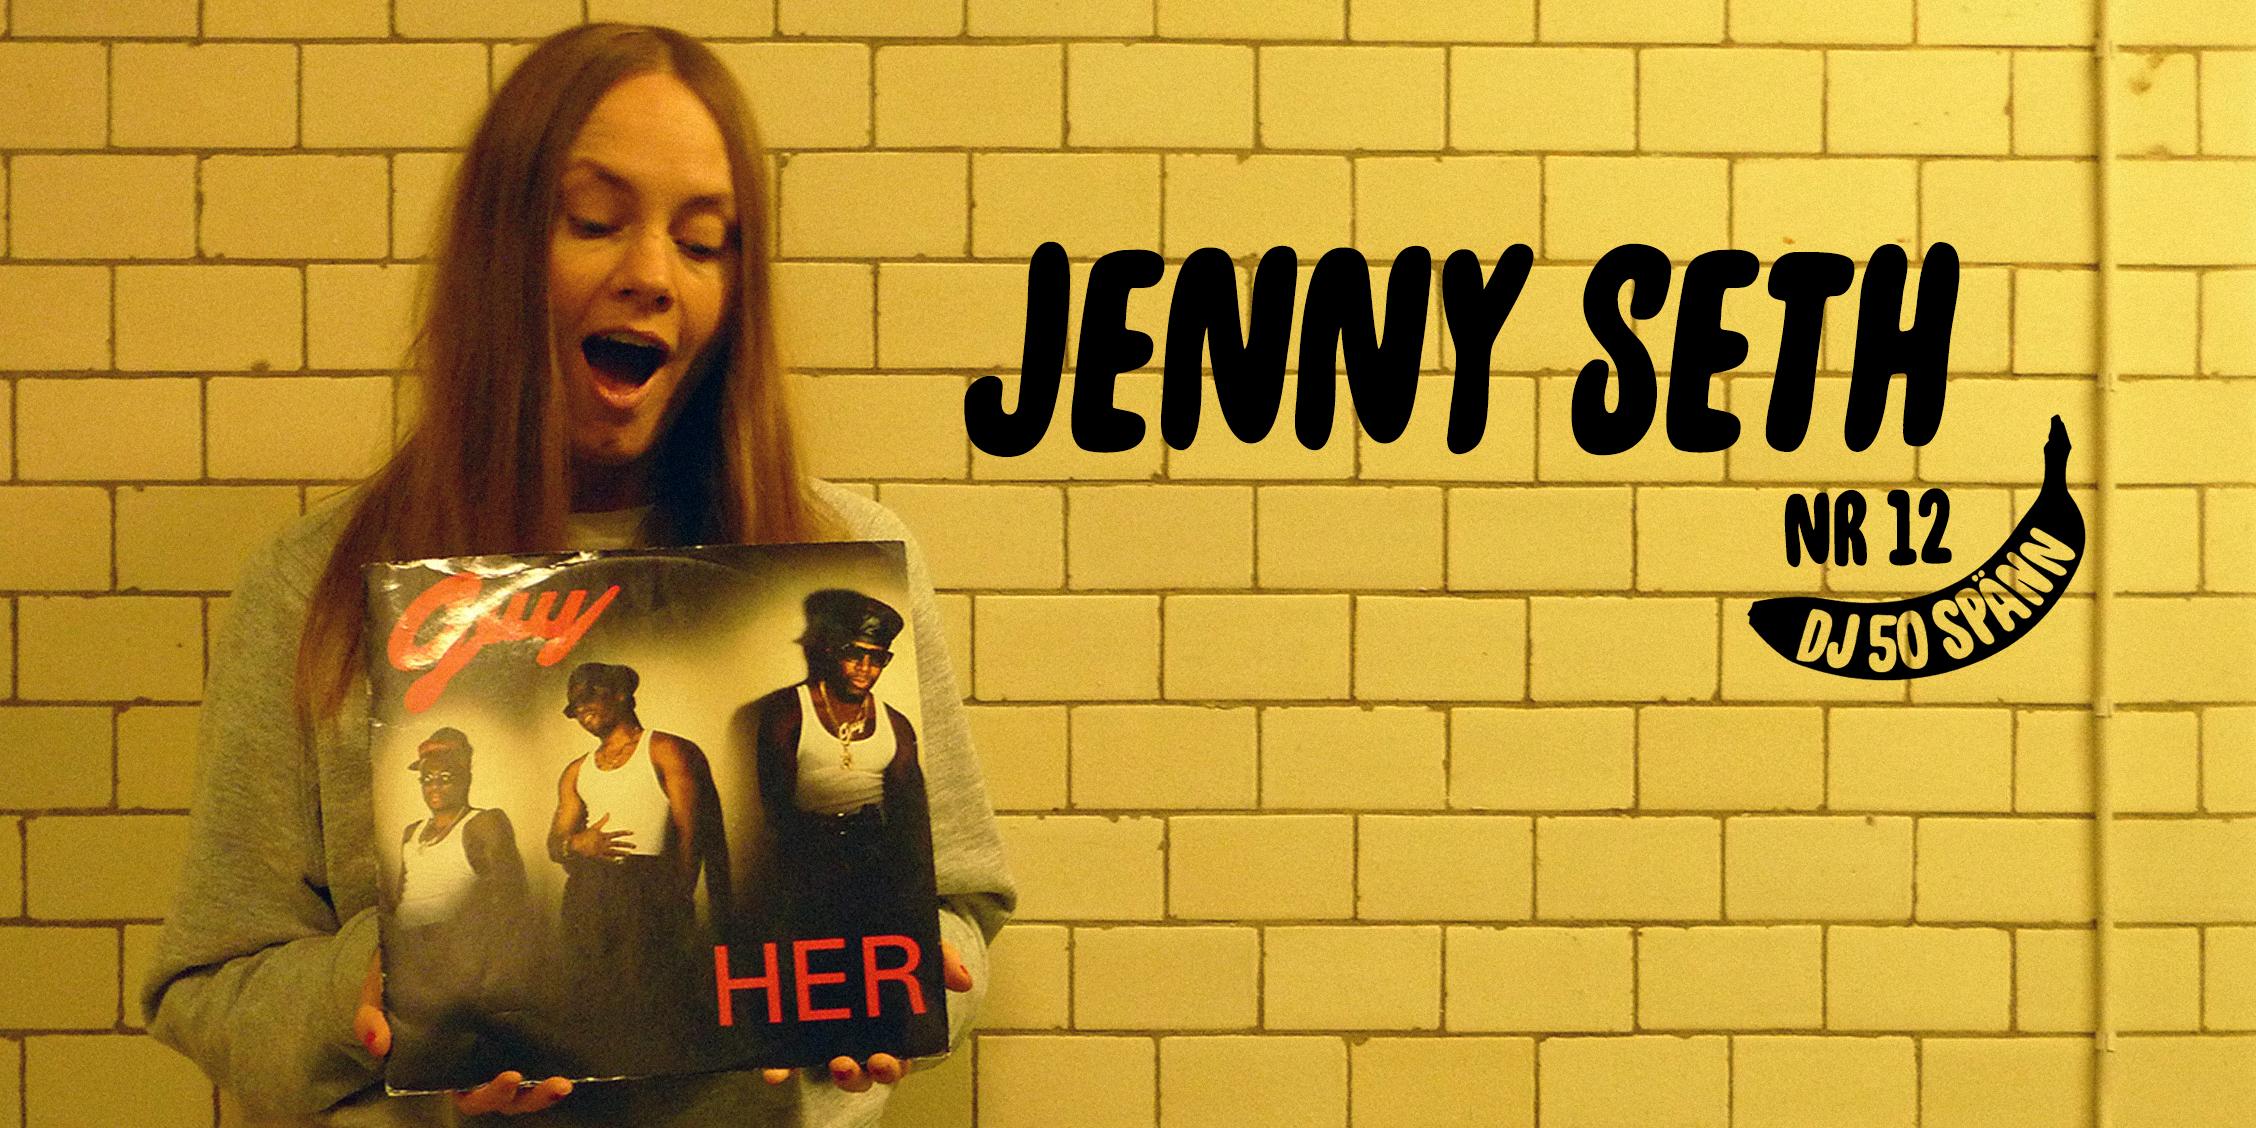 jenny seth